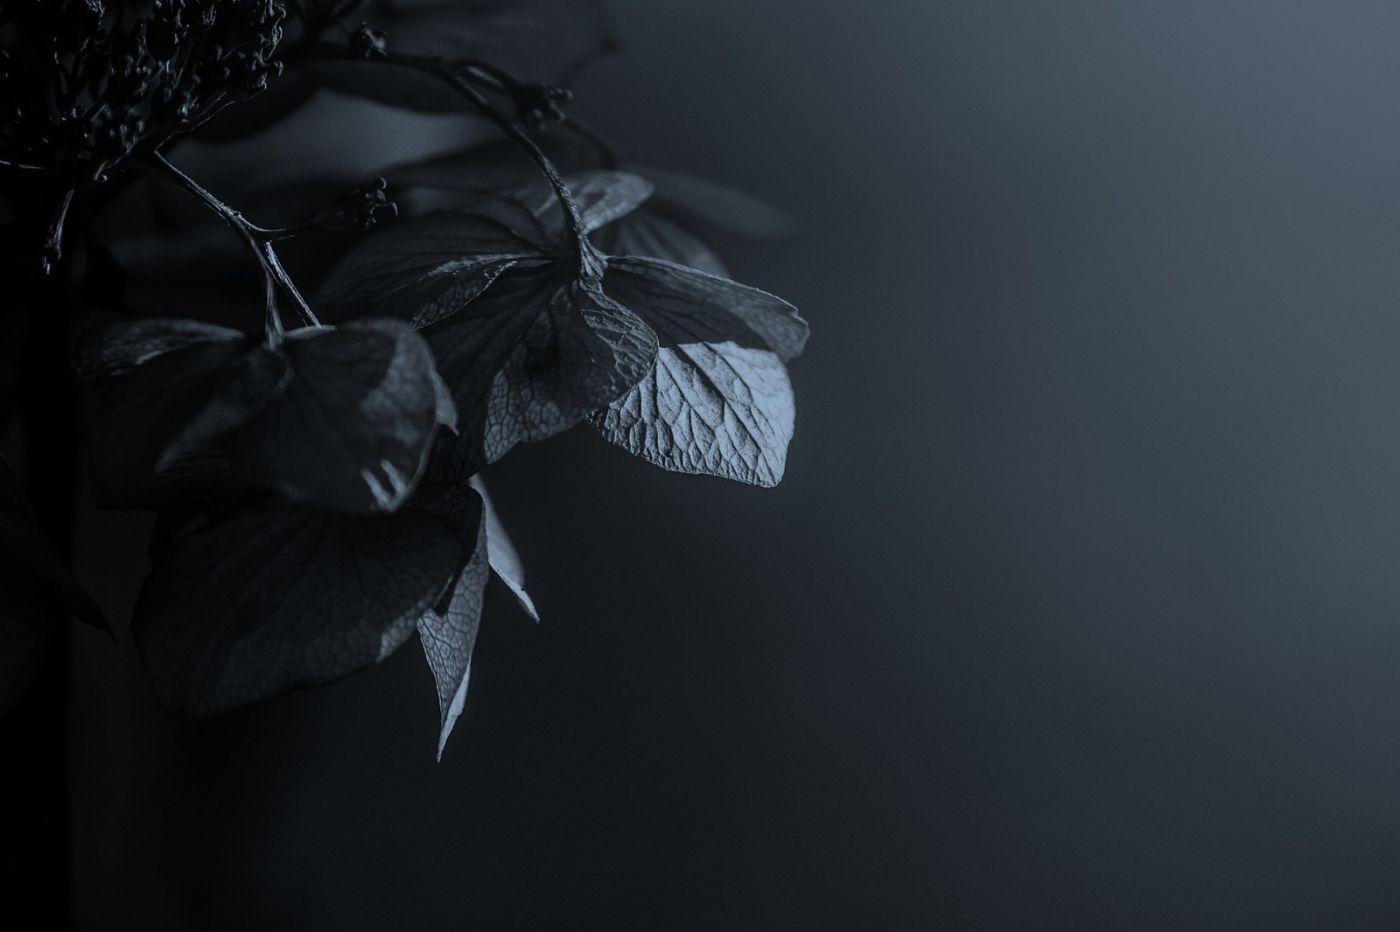 光影中的记忆_图1-4